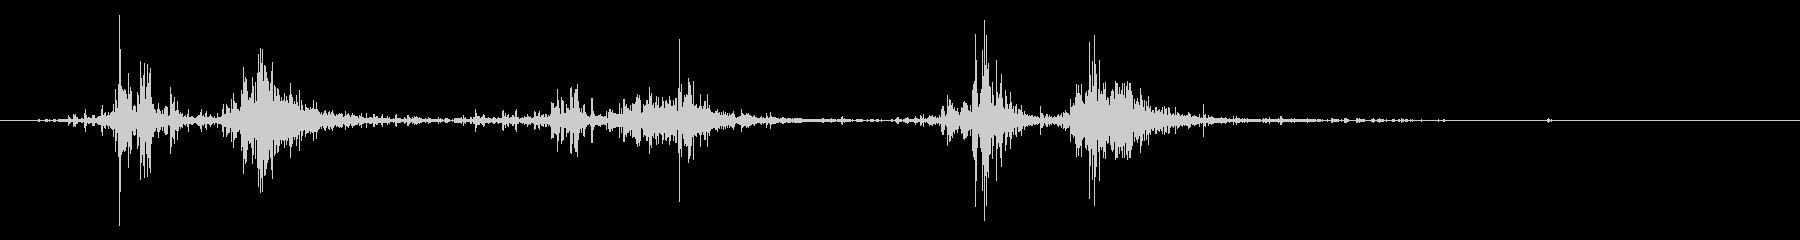 タブレッド菓子出す音・振る音3の未再生の波形